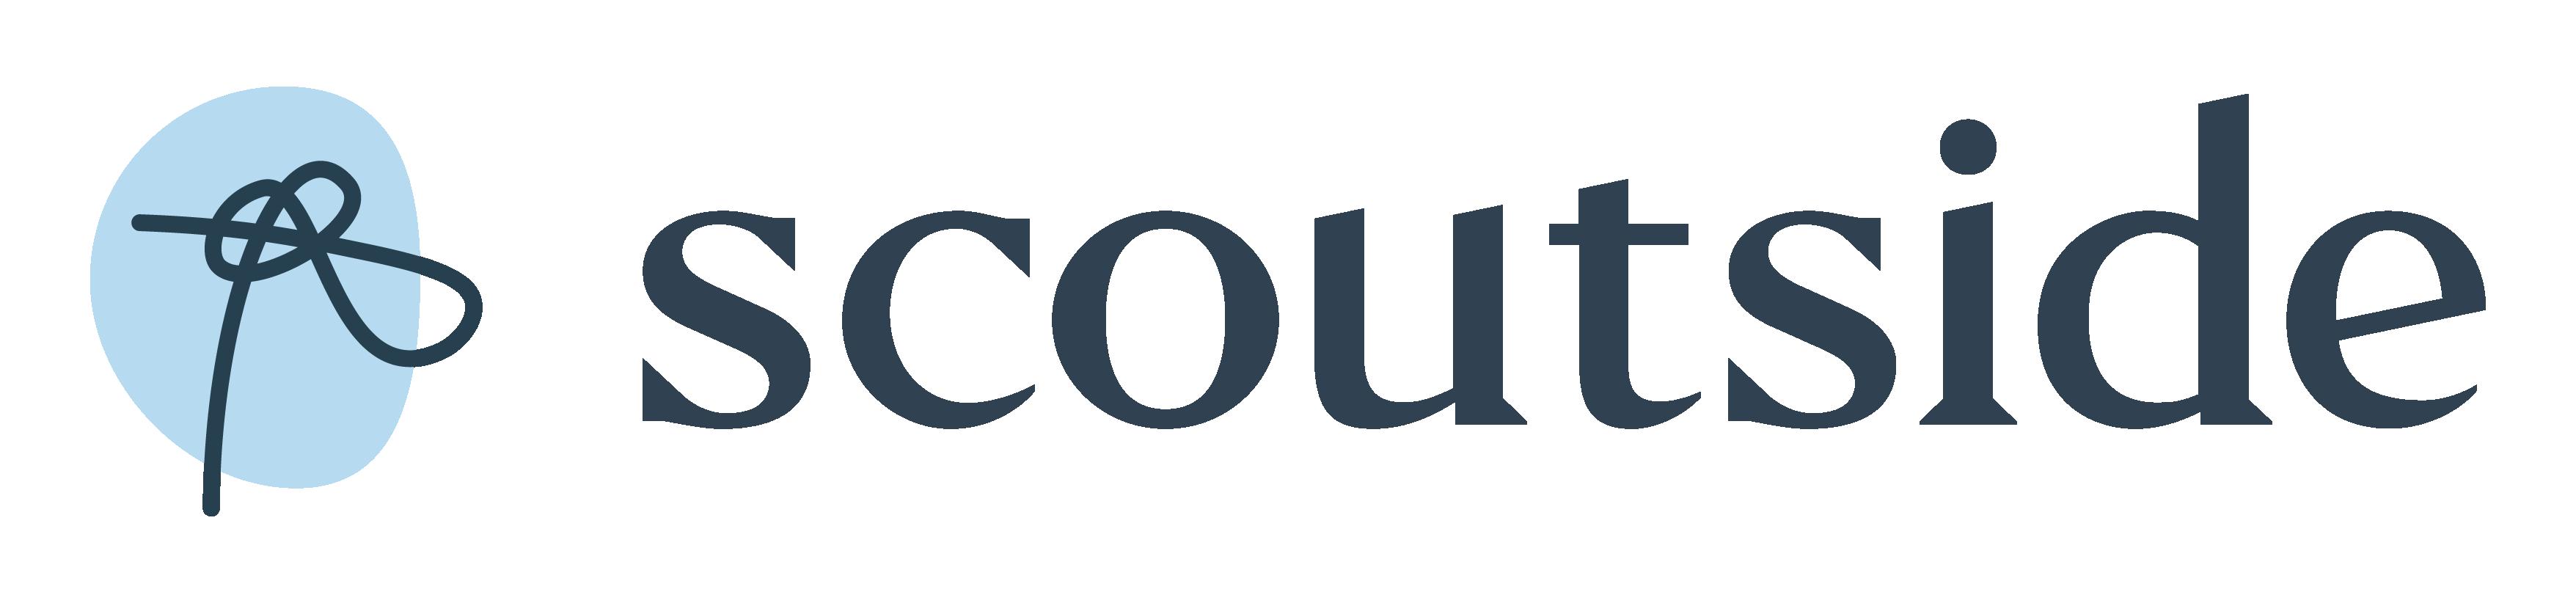 Scoutside logo